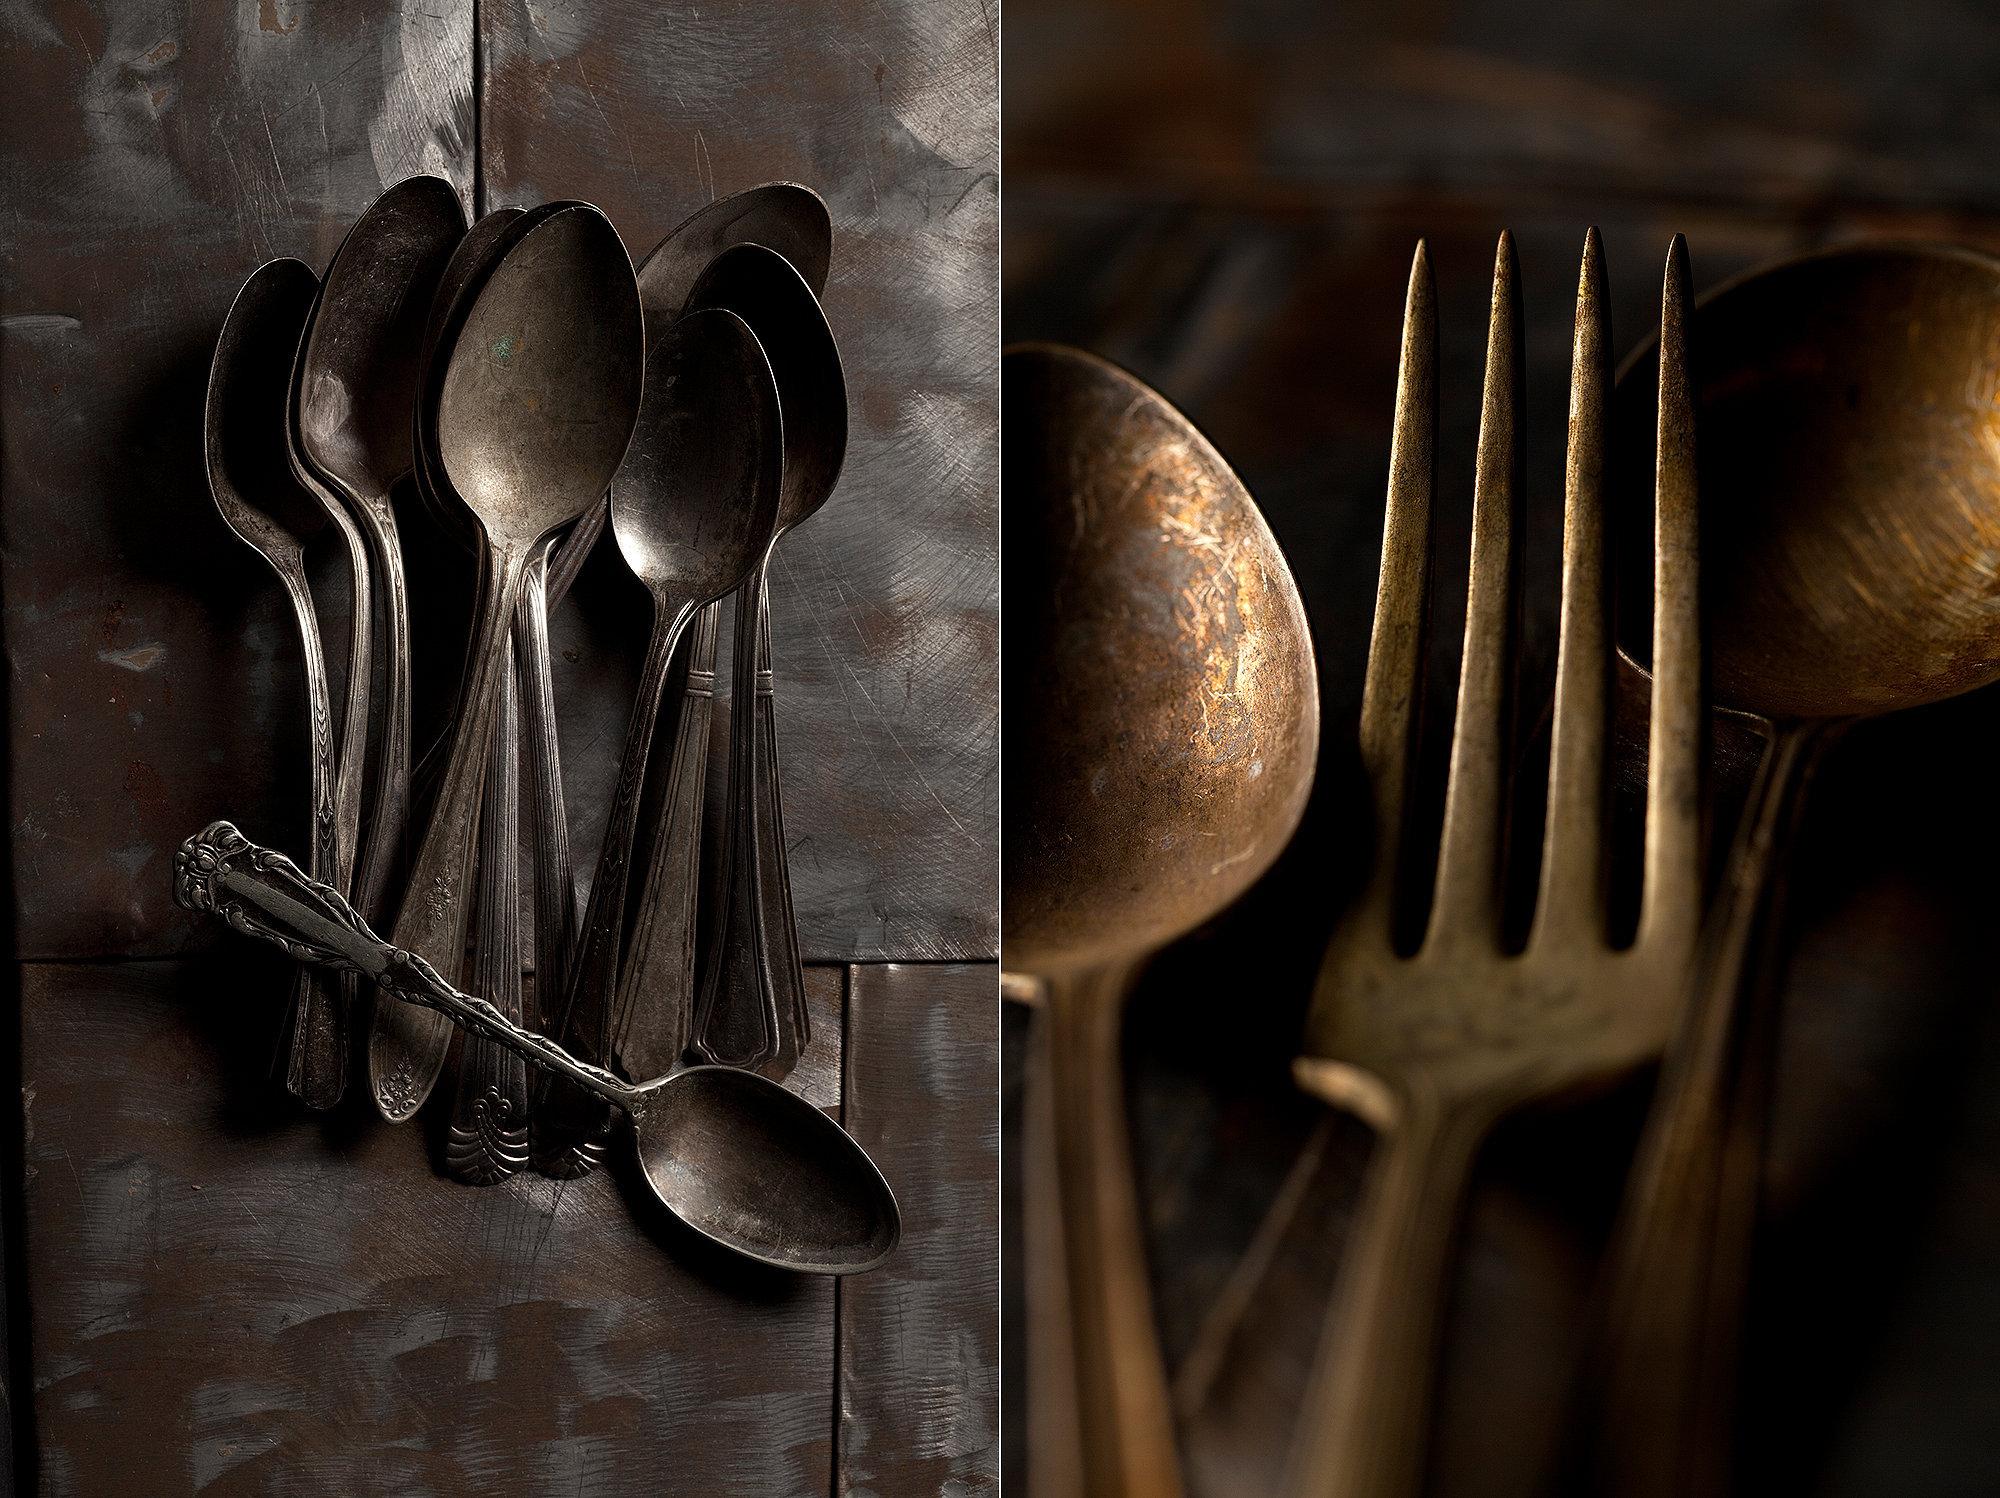 Spoons_Forks.jpg